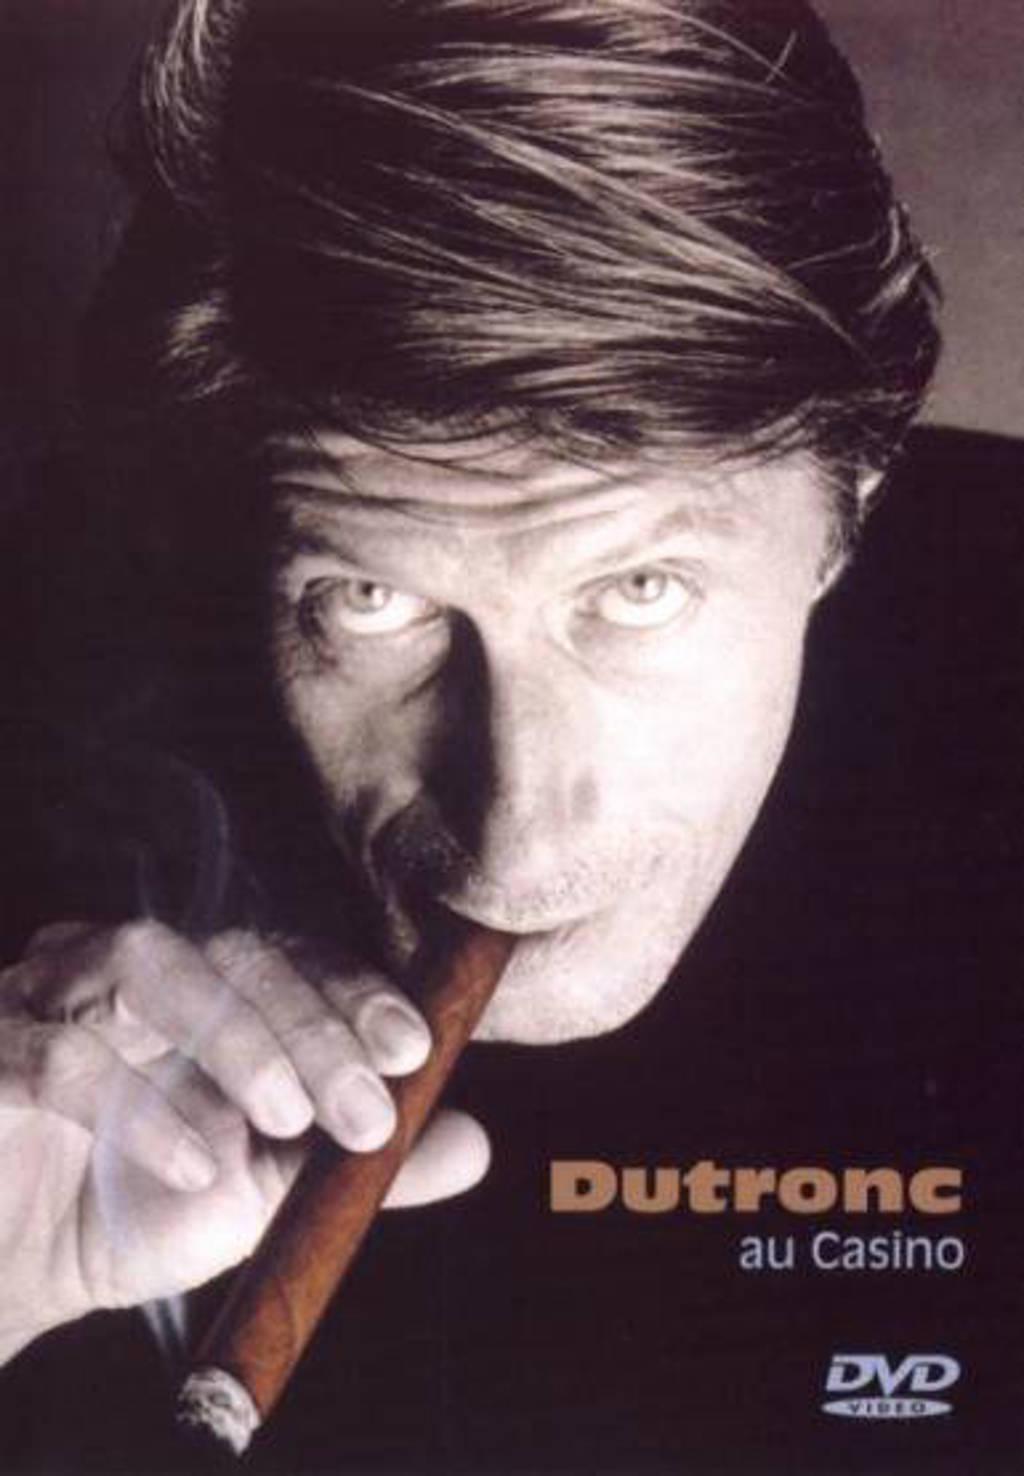 Jacques Dutronc - Dutronc Au Casino (DVD)